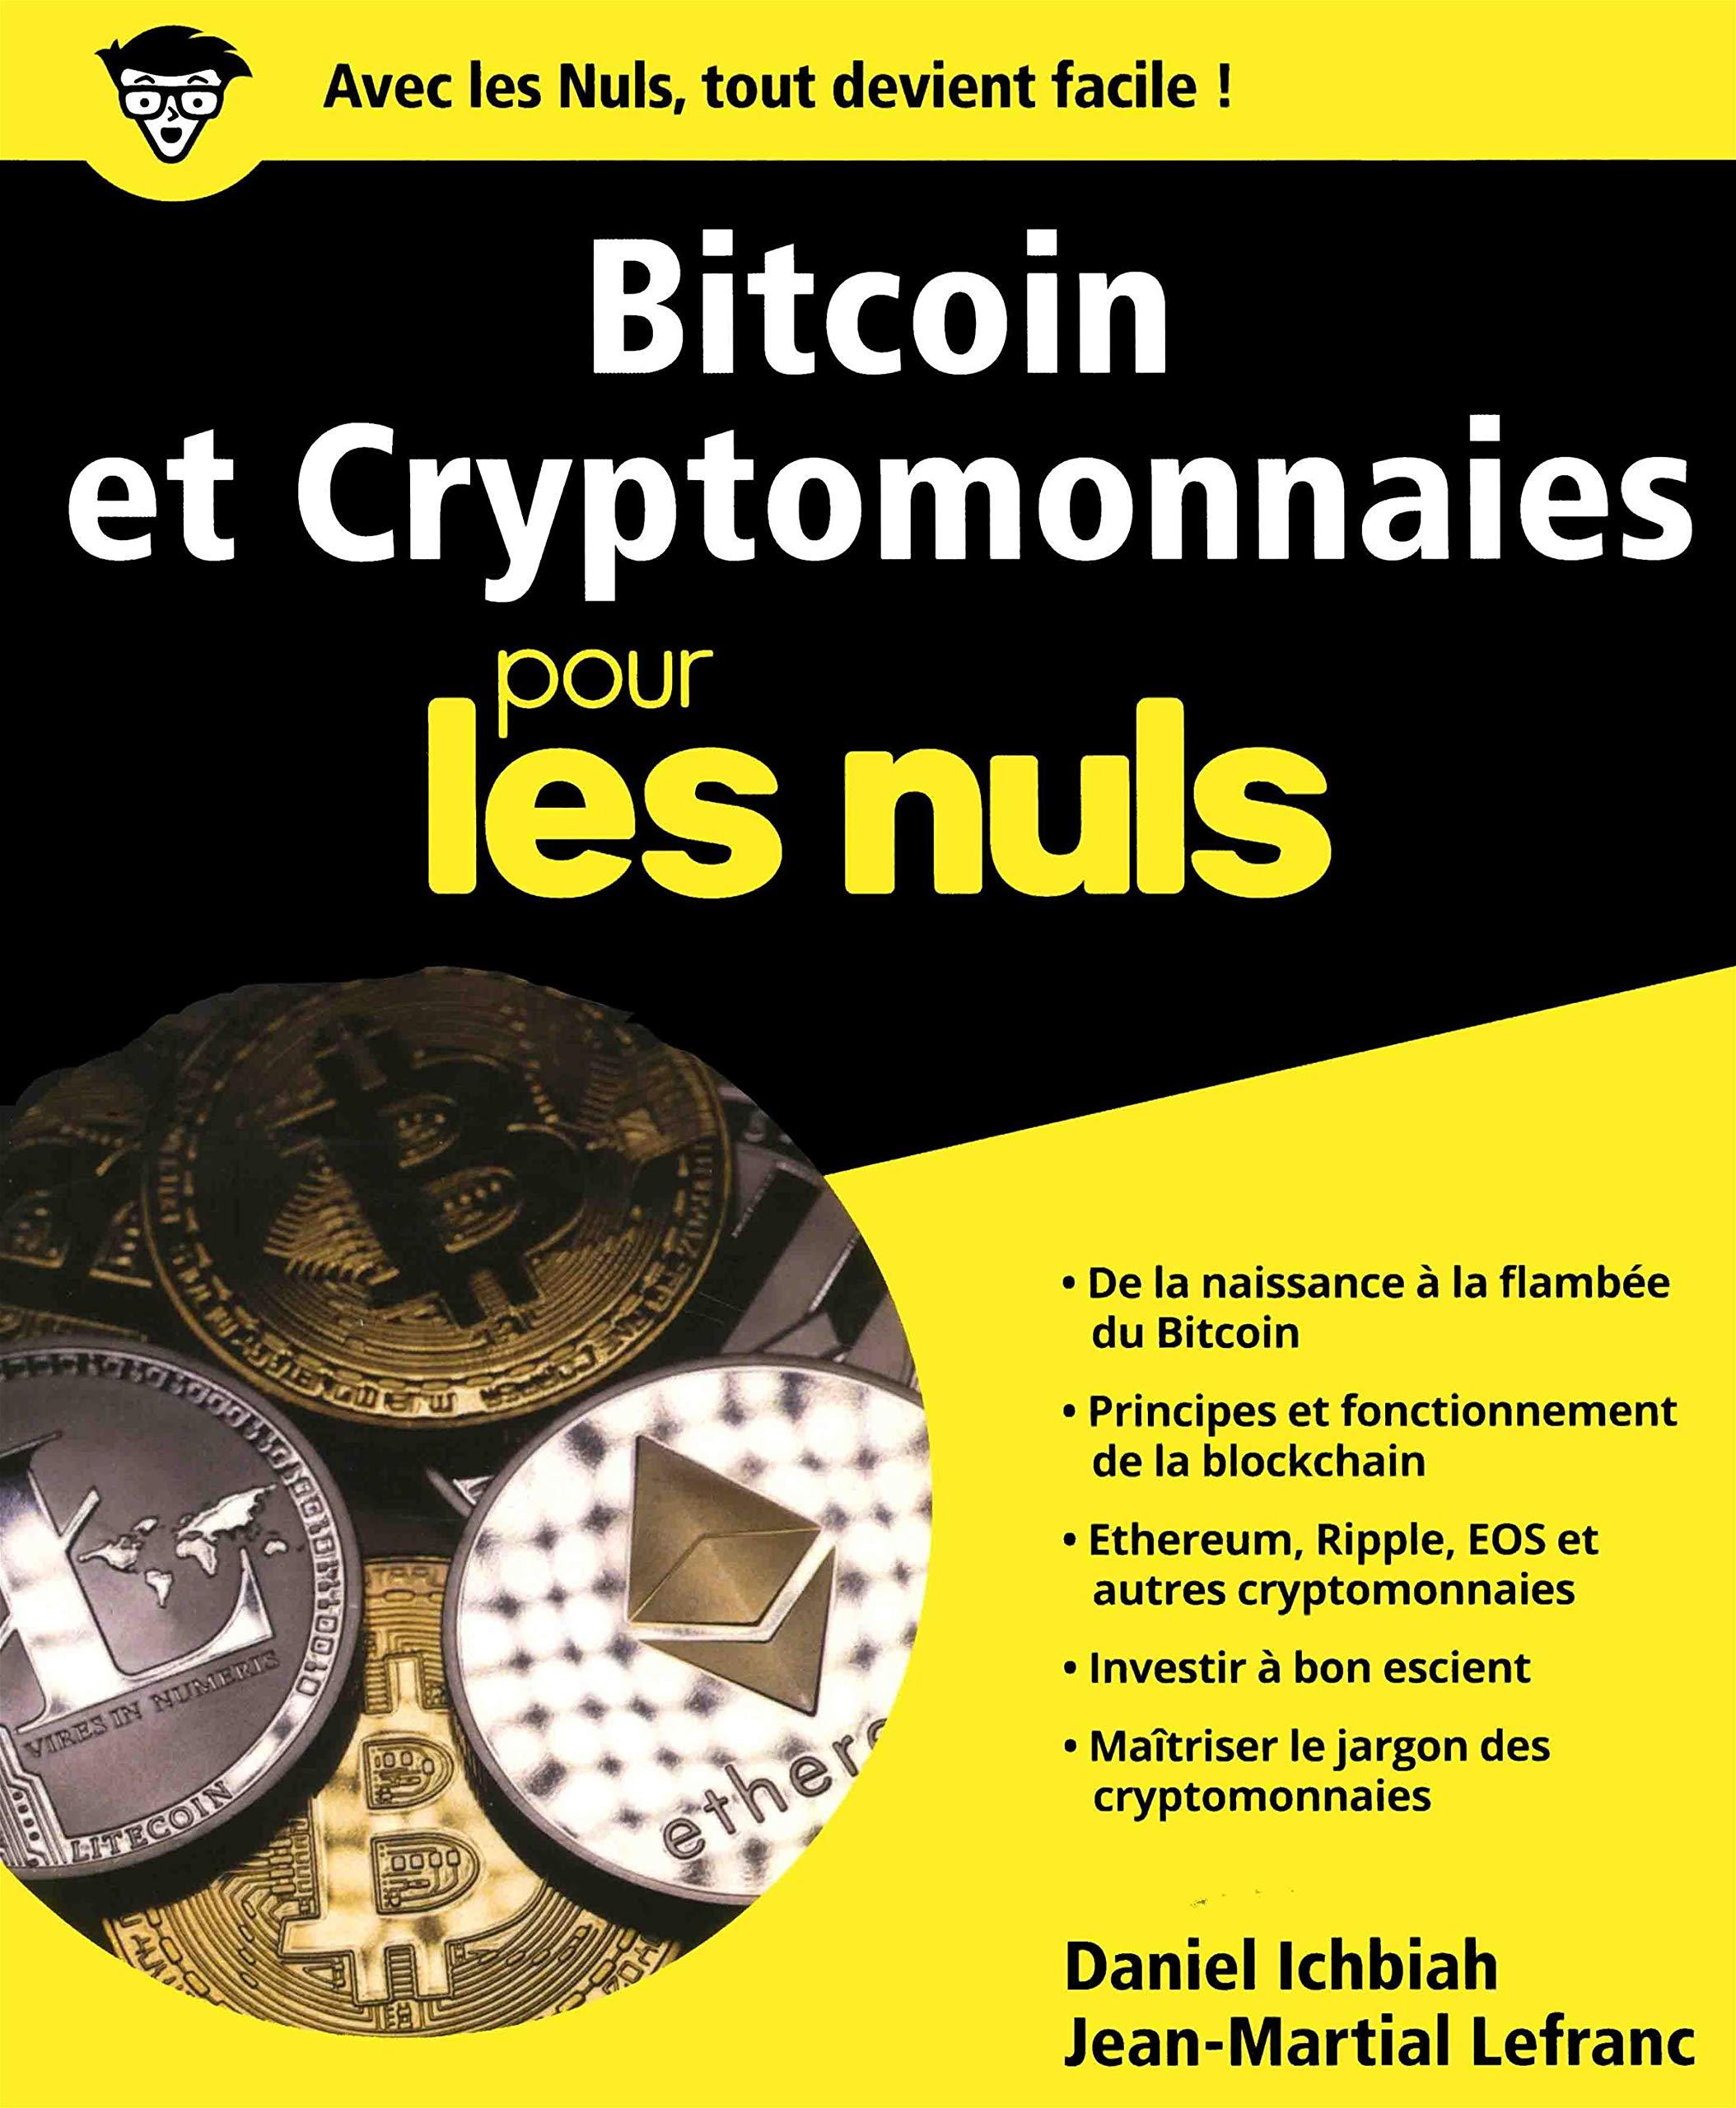 investir t bitcoin cripto vale a pena investir em 2021